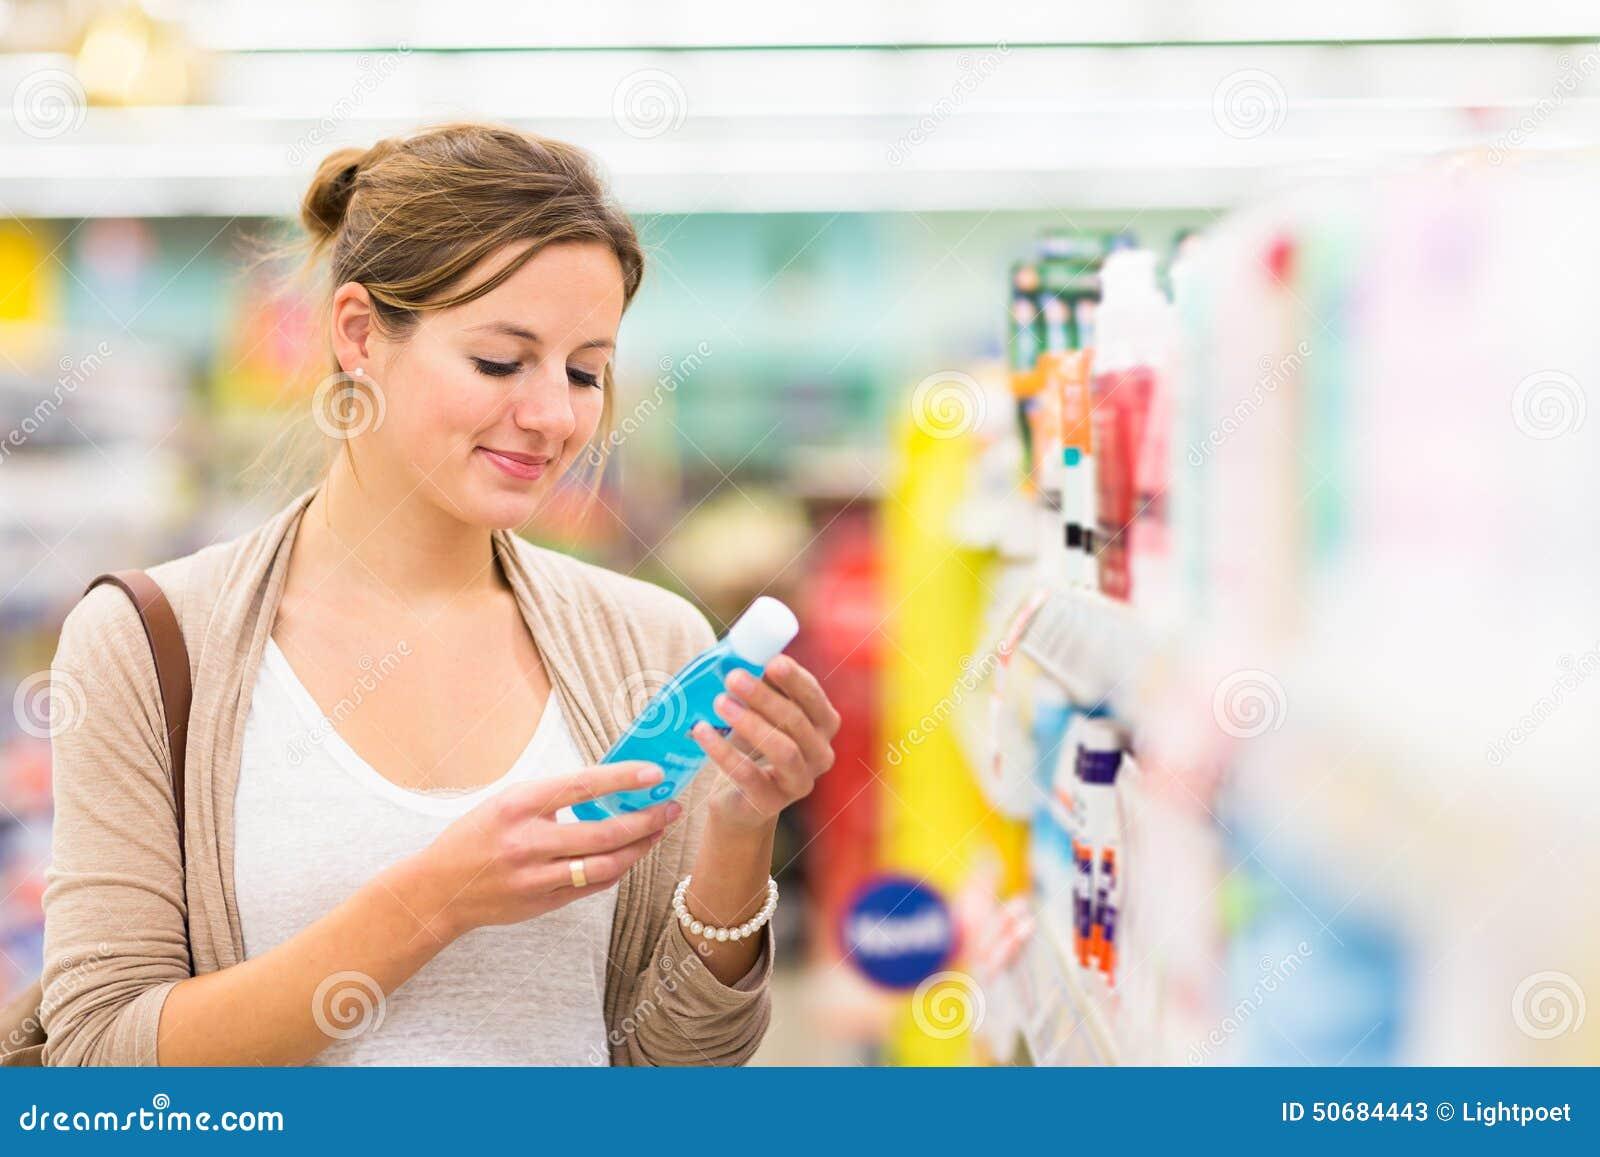 Download 化妆用品的美好的少妇购物在杂货店 库存图片. 图片 包括有 逗人喜爱, 新鲜, 副食品, 成人, 消费者 - 50684443